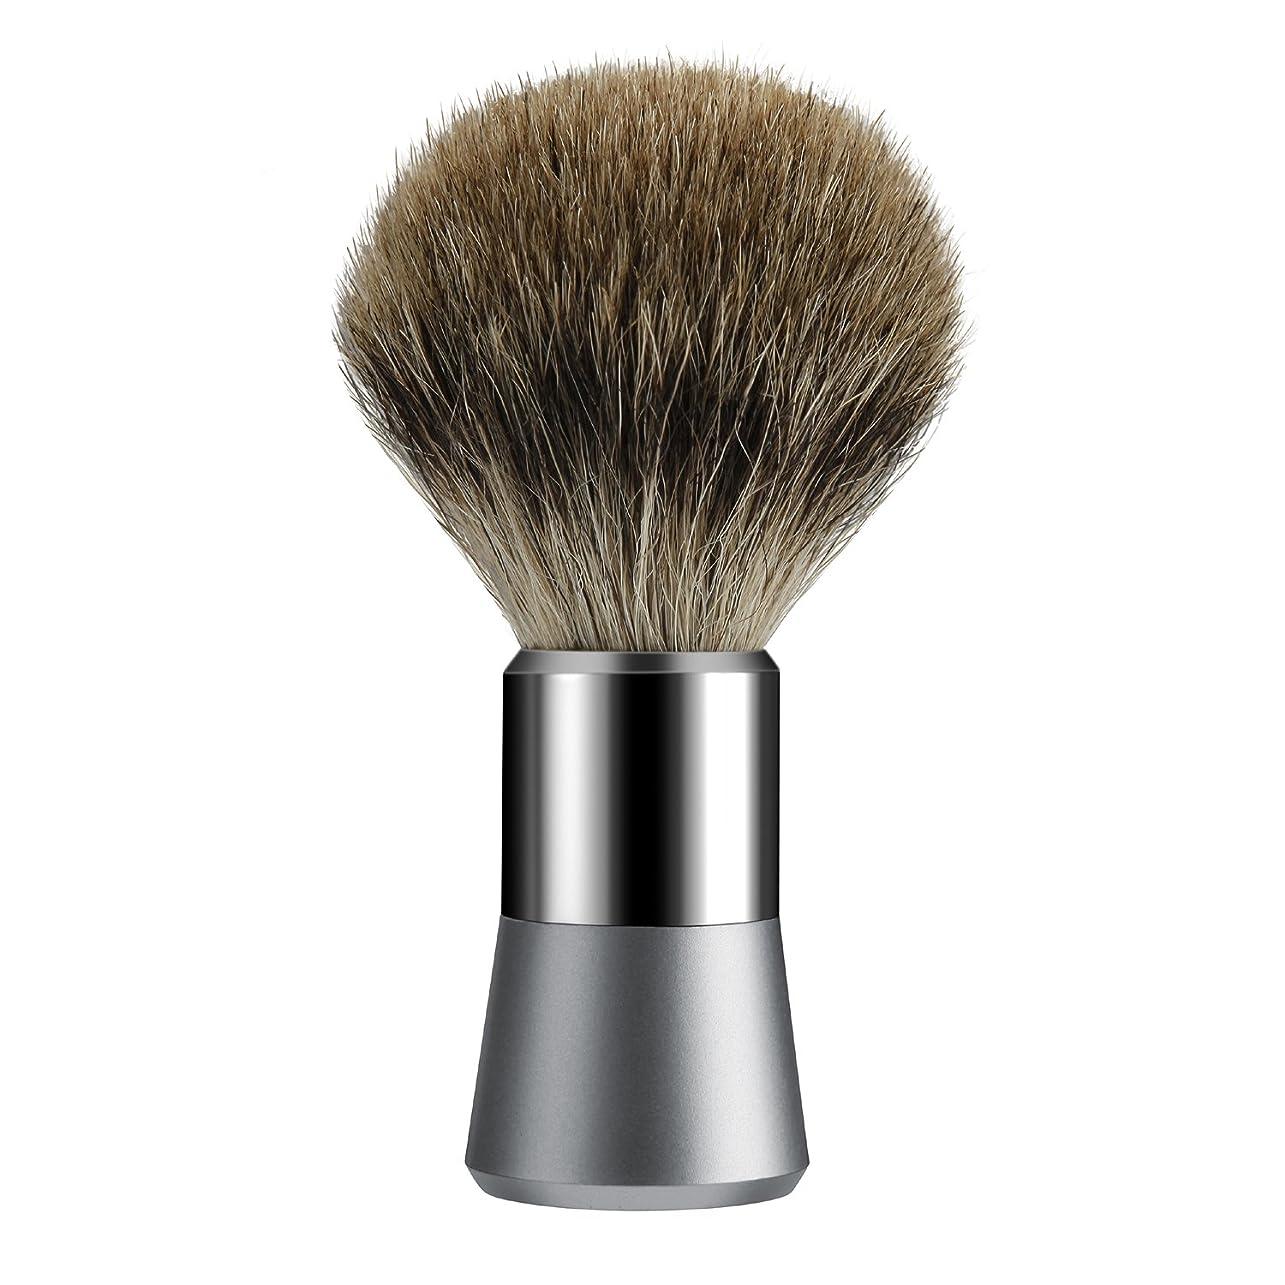 ベール定規成功Tezam シェービング ブラシ, シェービングブラシ アナグマの毛 100%, クロームハンドル